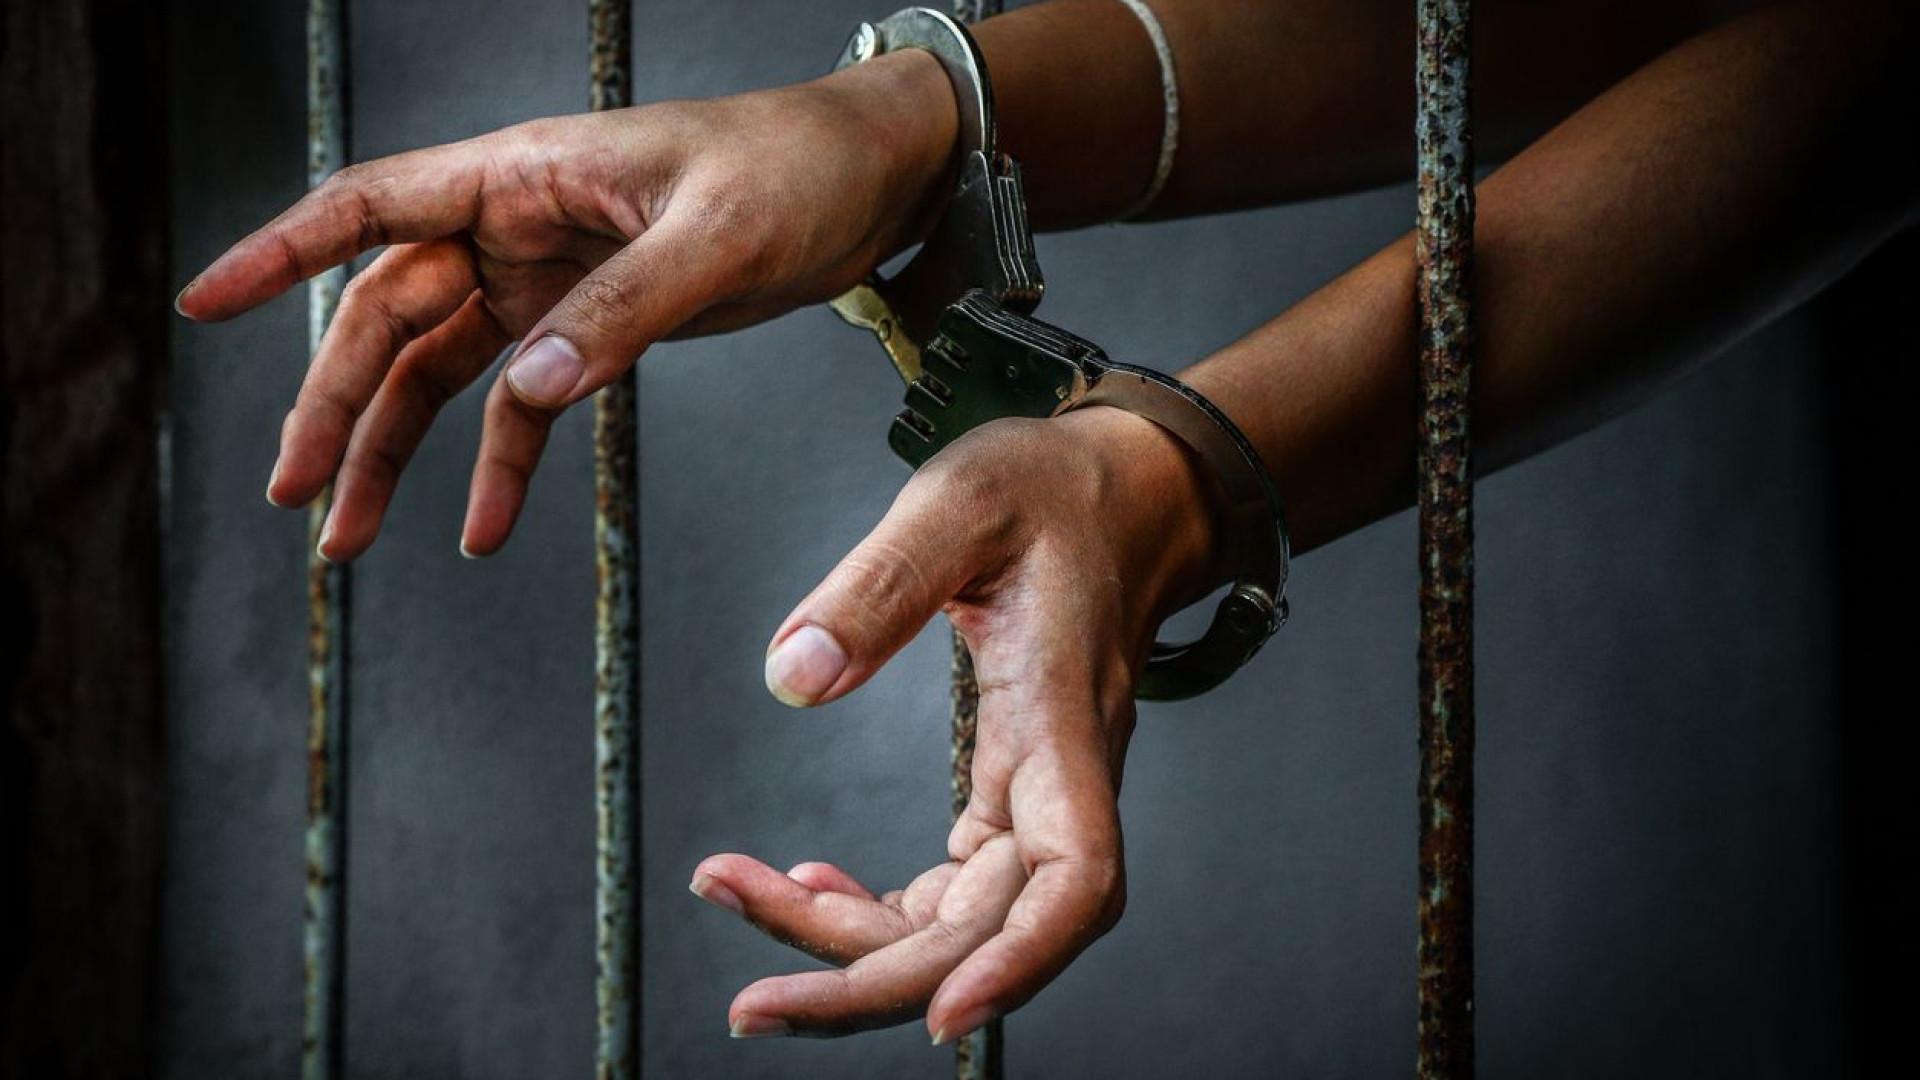 Detido em Espanha um fugitivo condenado por extorsão no Brasil